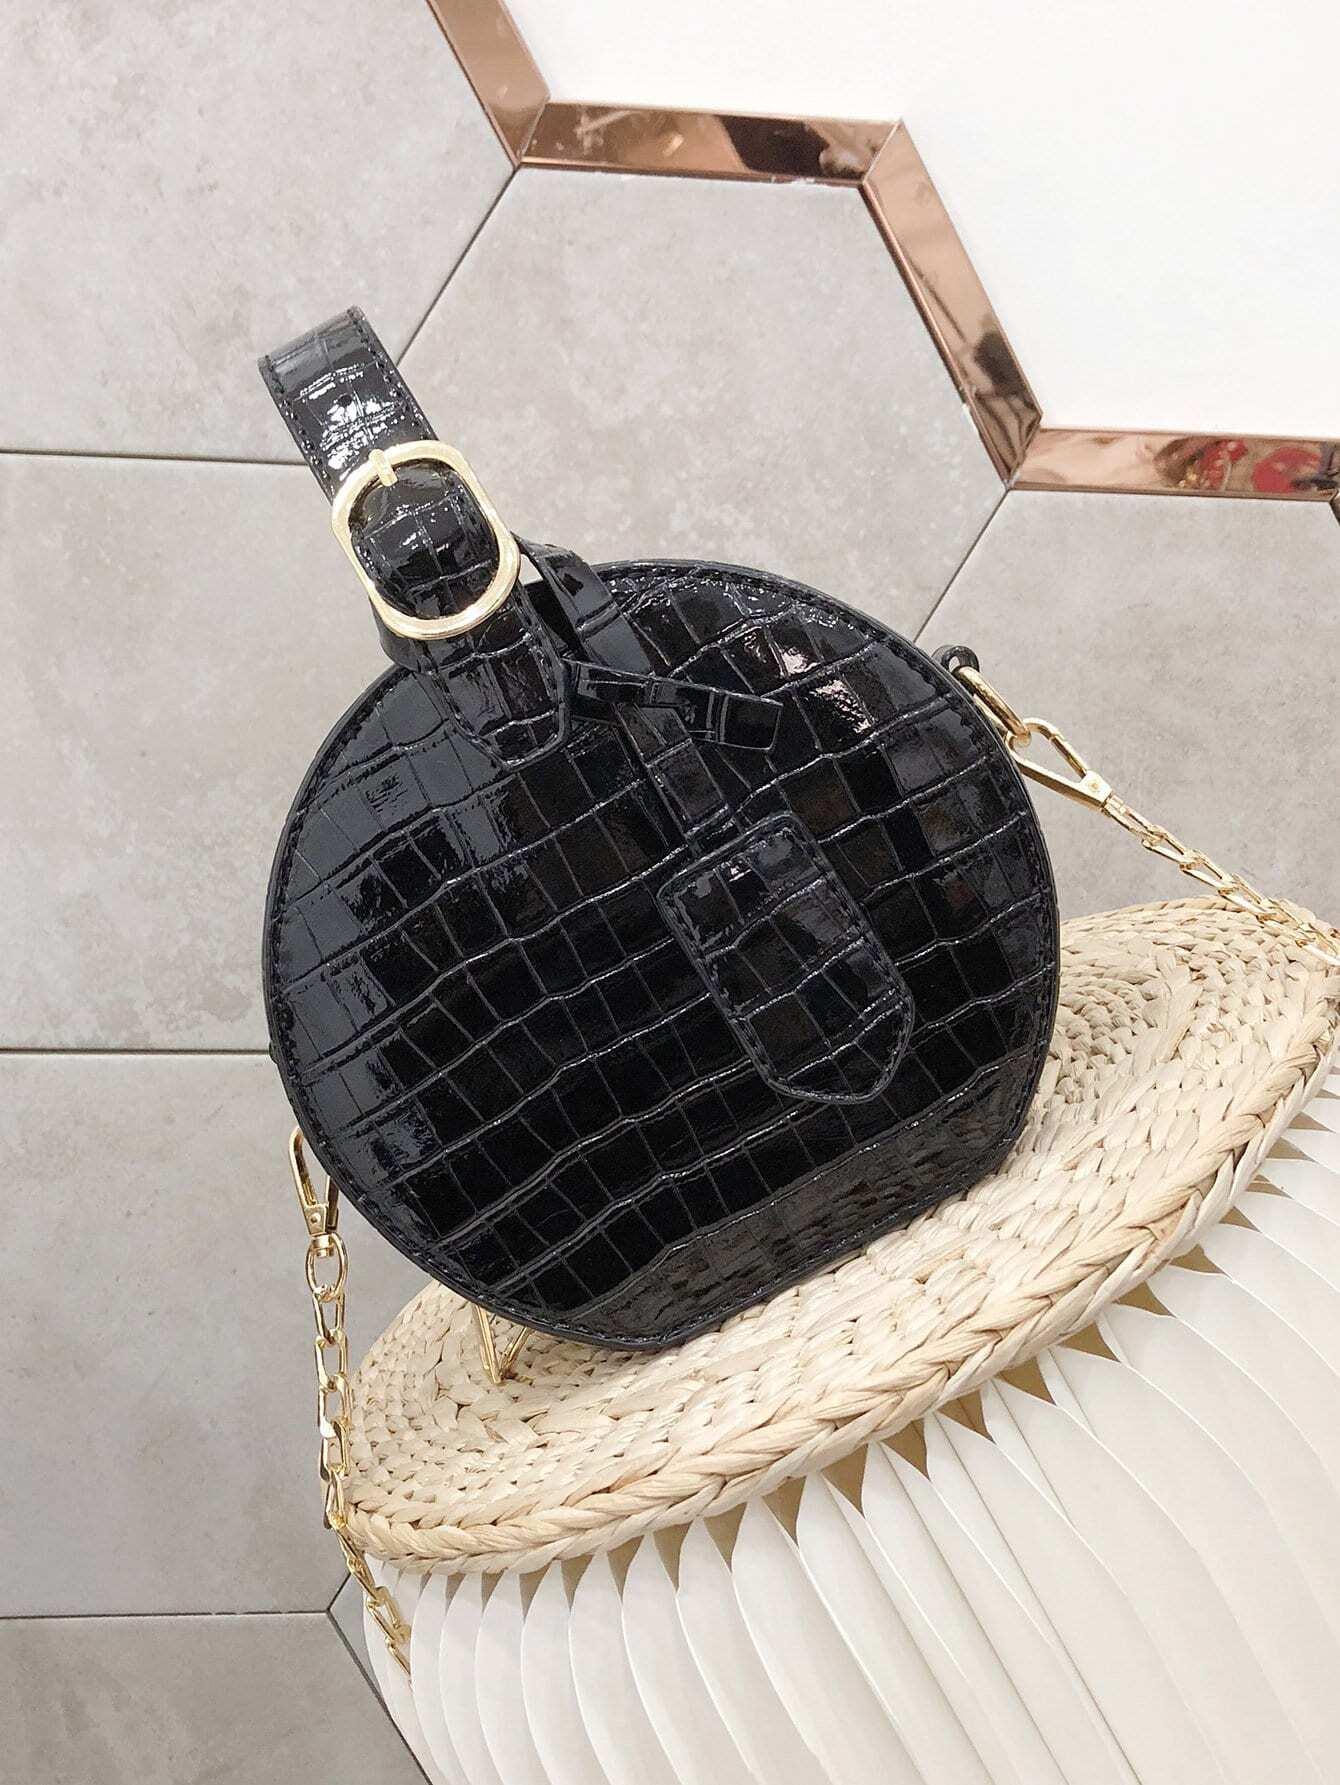 runde tasche mit krokodil muster und kette german shein sheinside. Black Bedroom Furniture Sets. Home Design Ideas